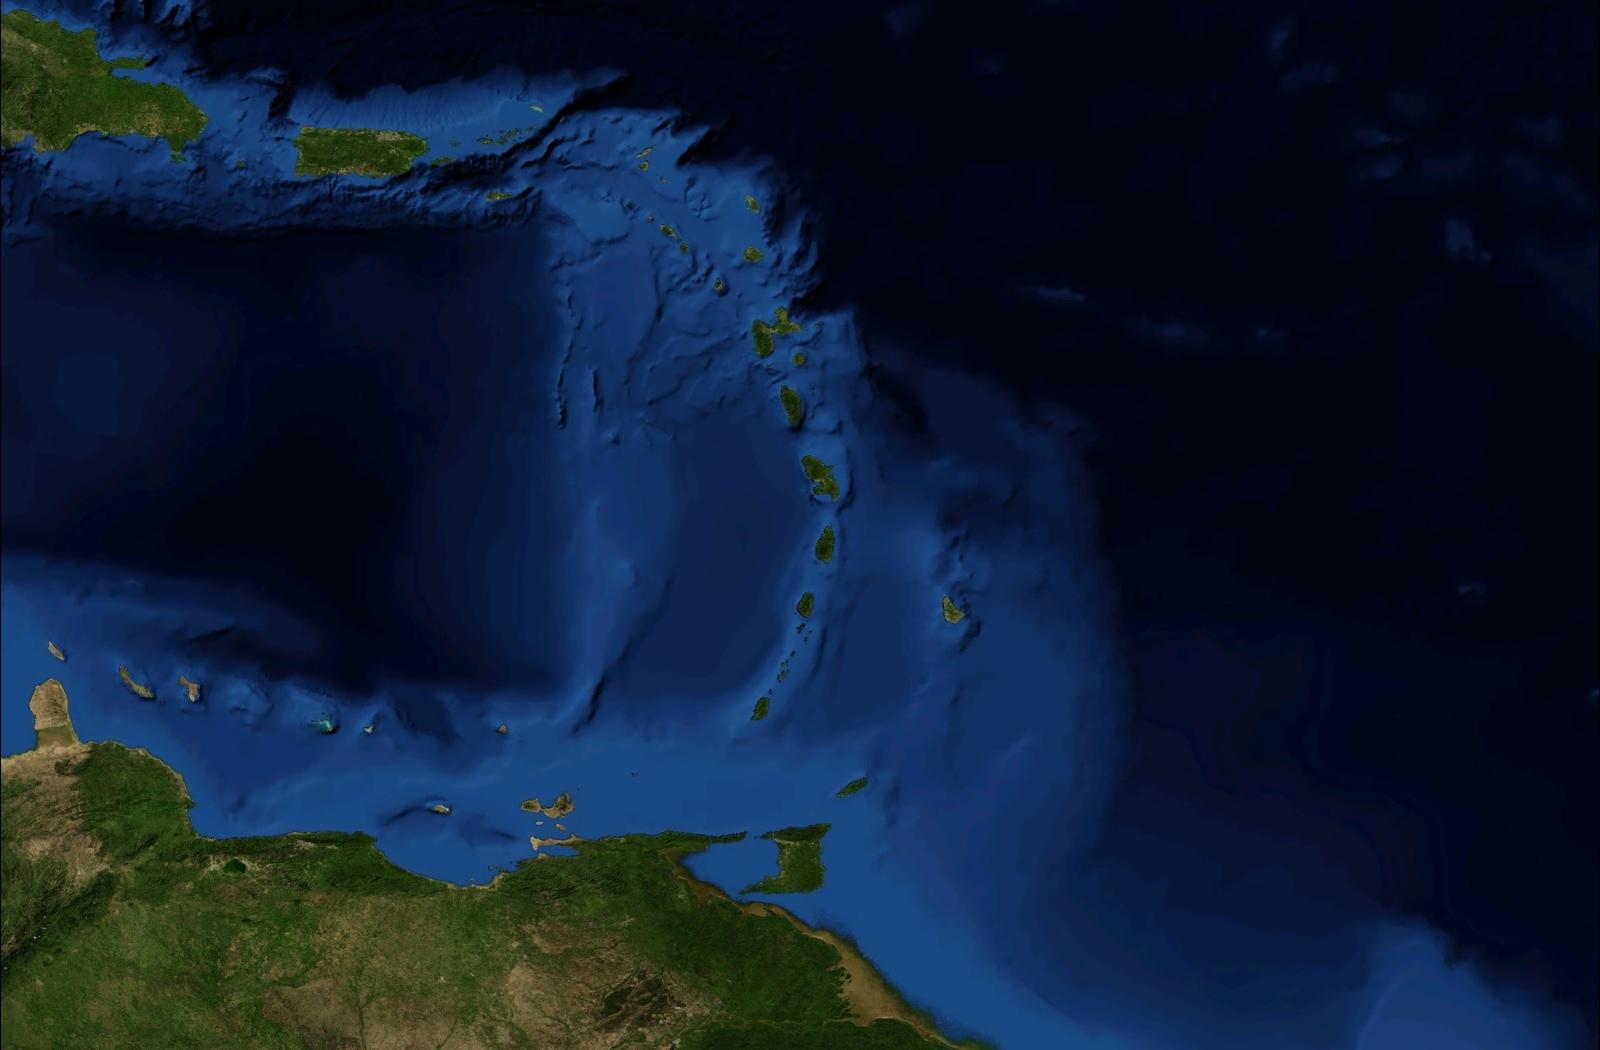 Väikesed Antillid